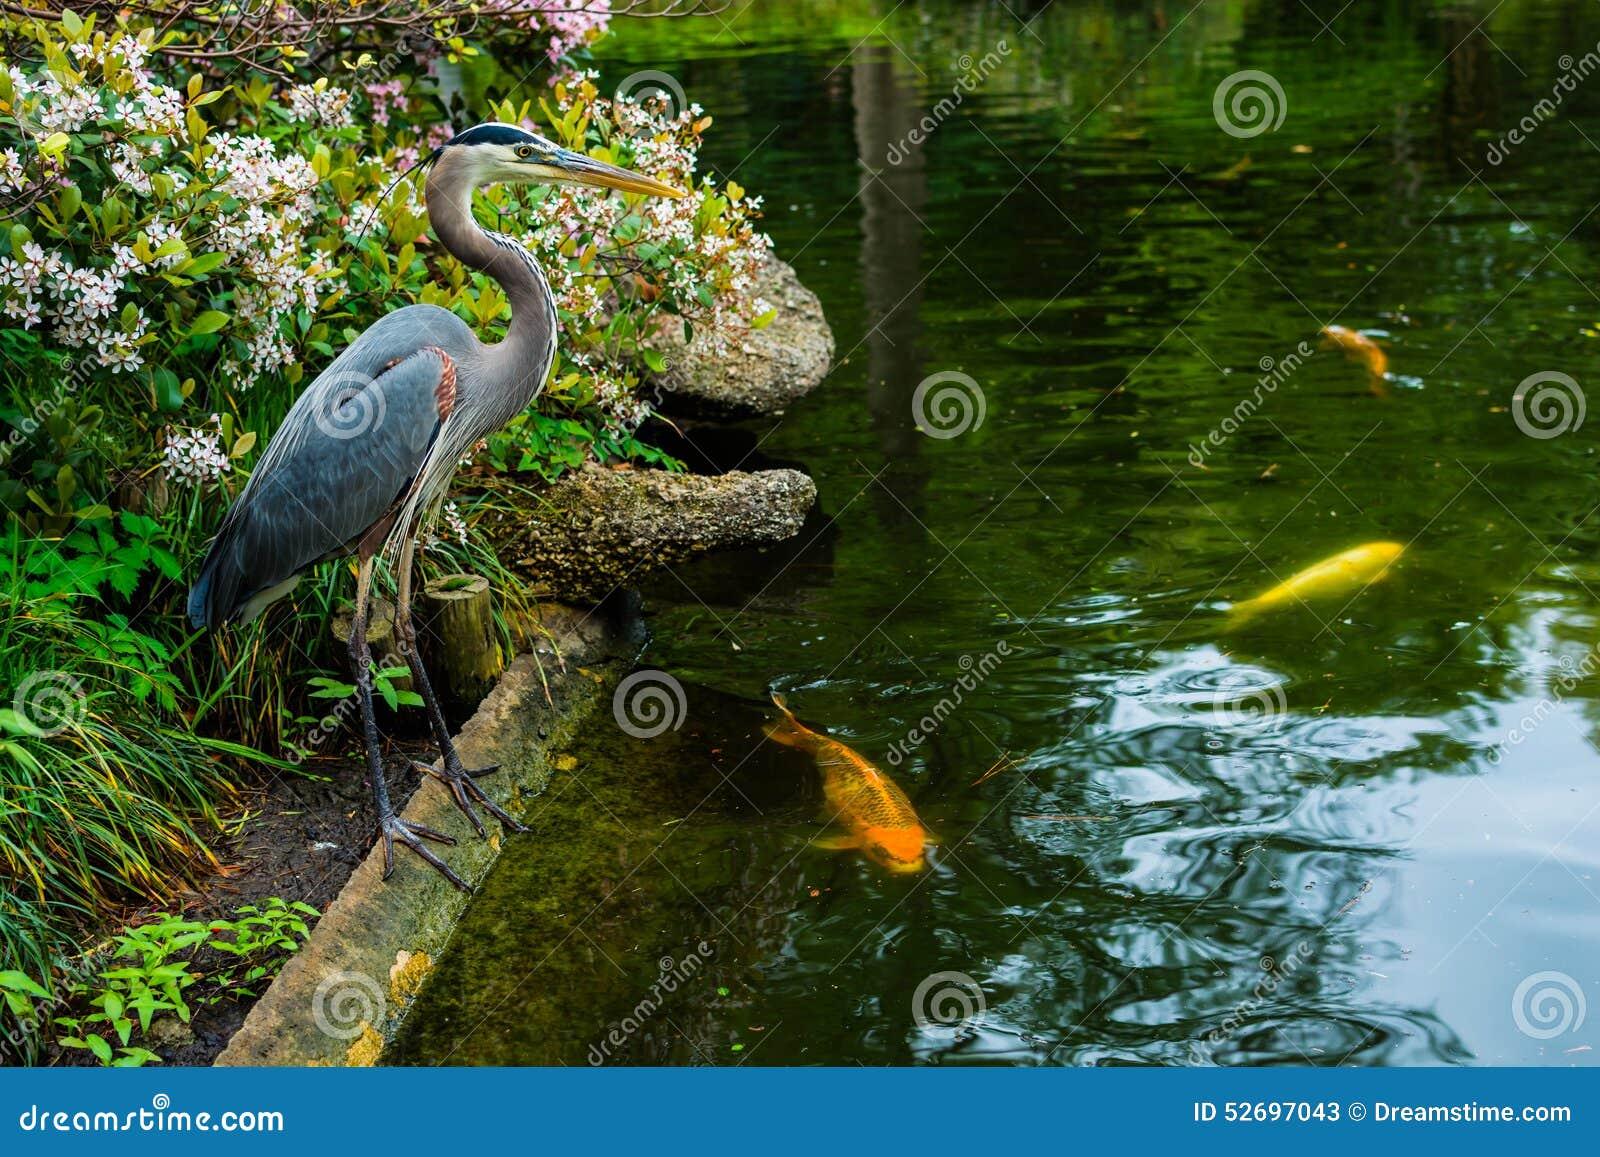 Reiher und koi im japanischen fisch teich stockbild bild for Estanque japones